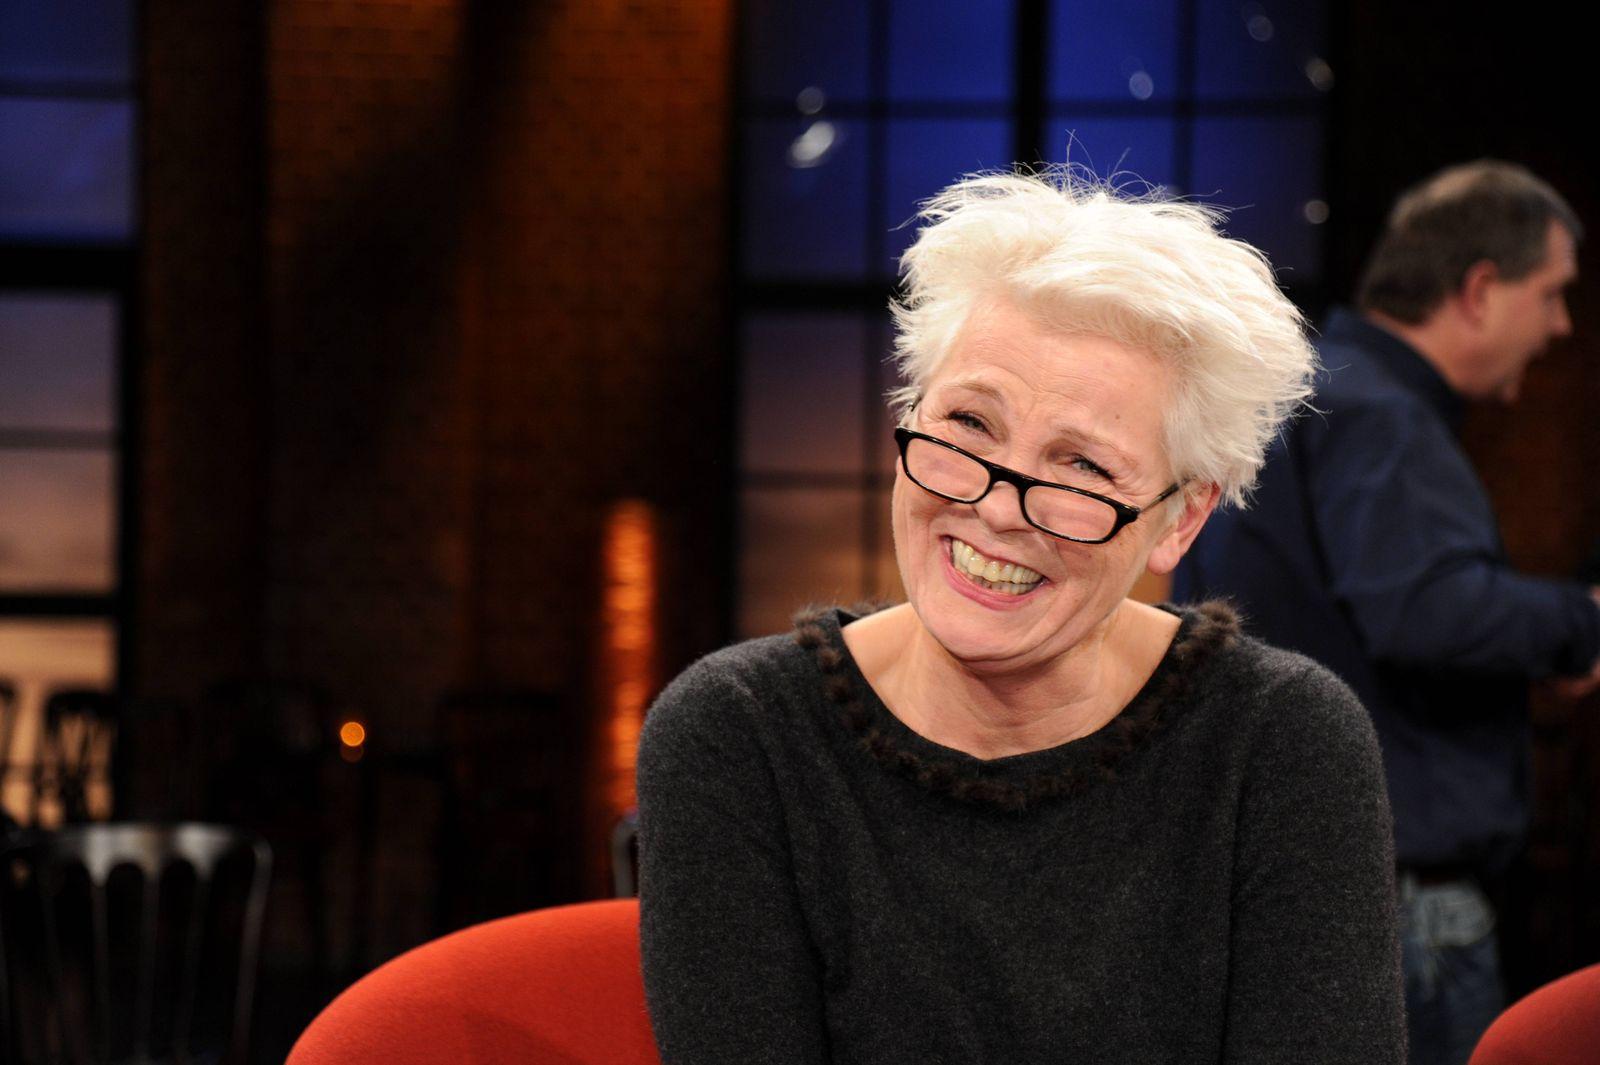 Die Kabarettistin Gerburg Jahnke zu Gast in der WDR Talkshow Kölner Treff am 27 01 2017 in Köln